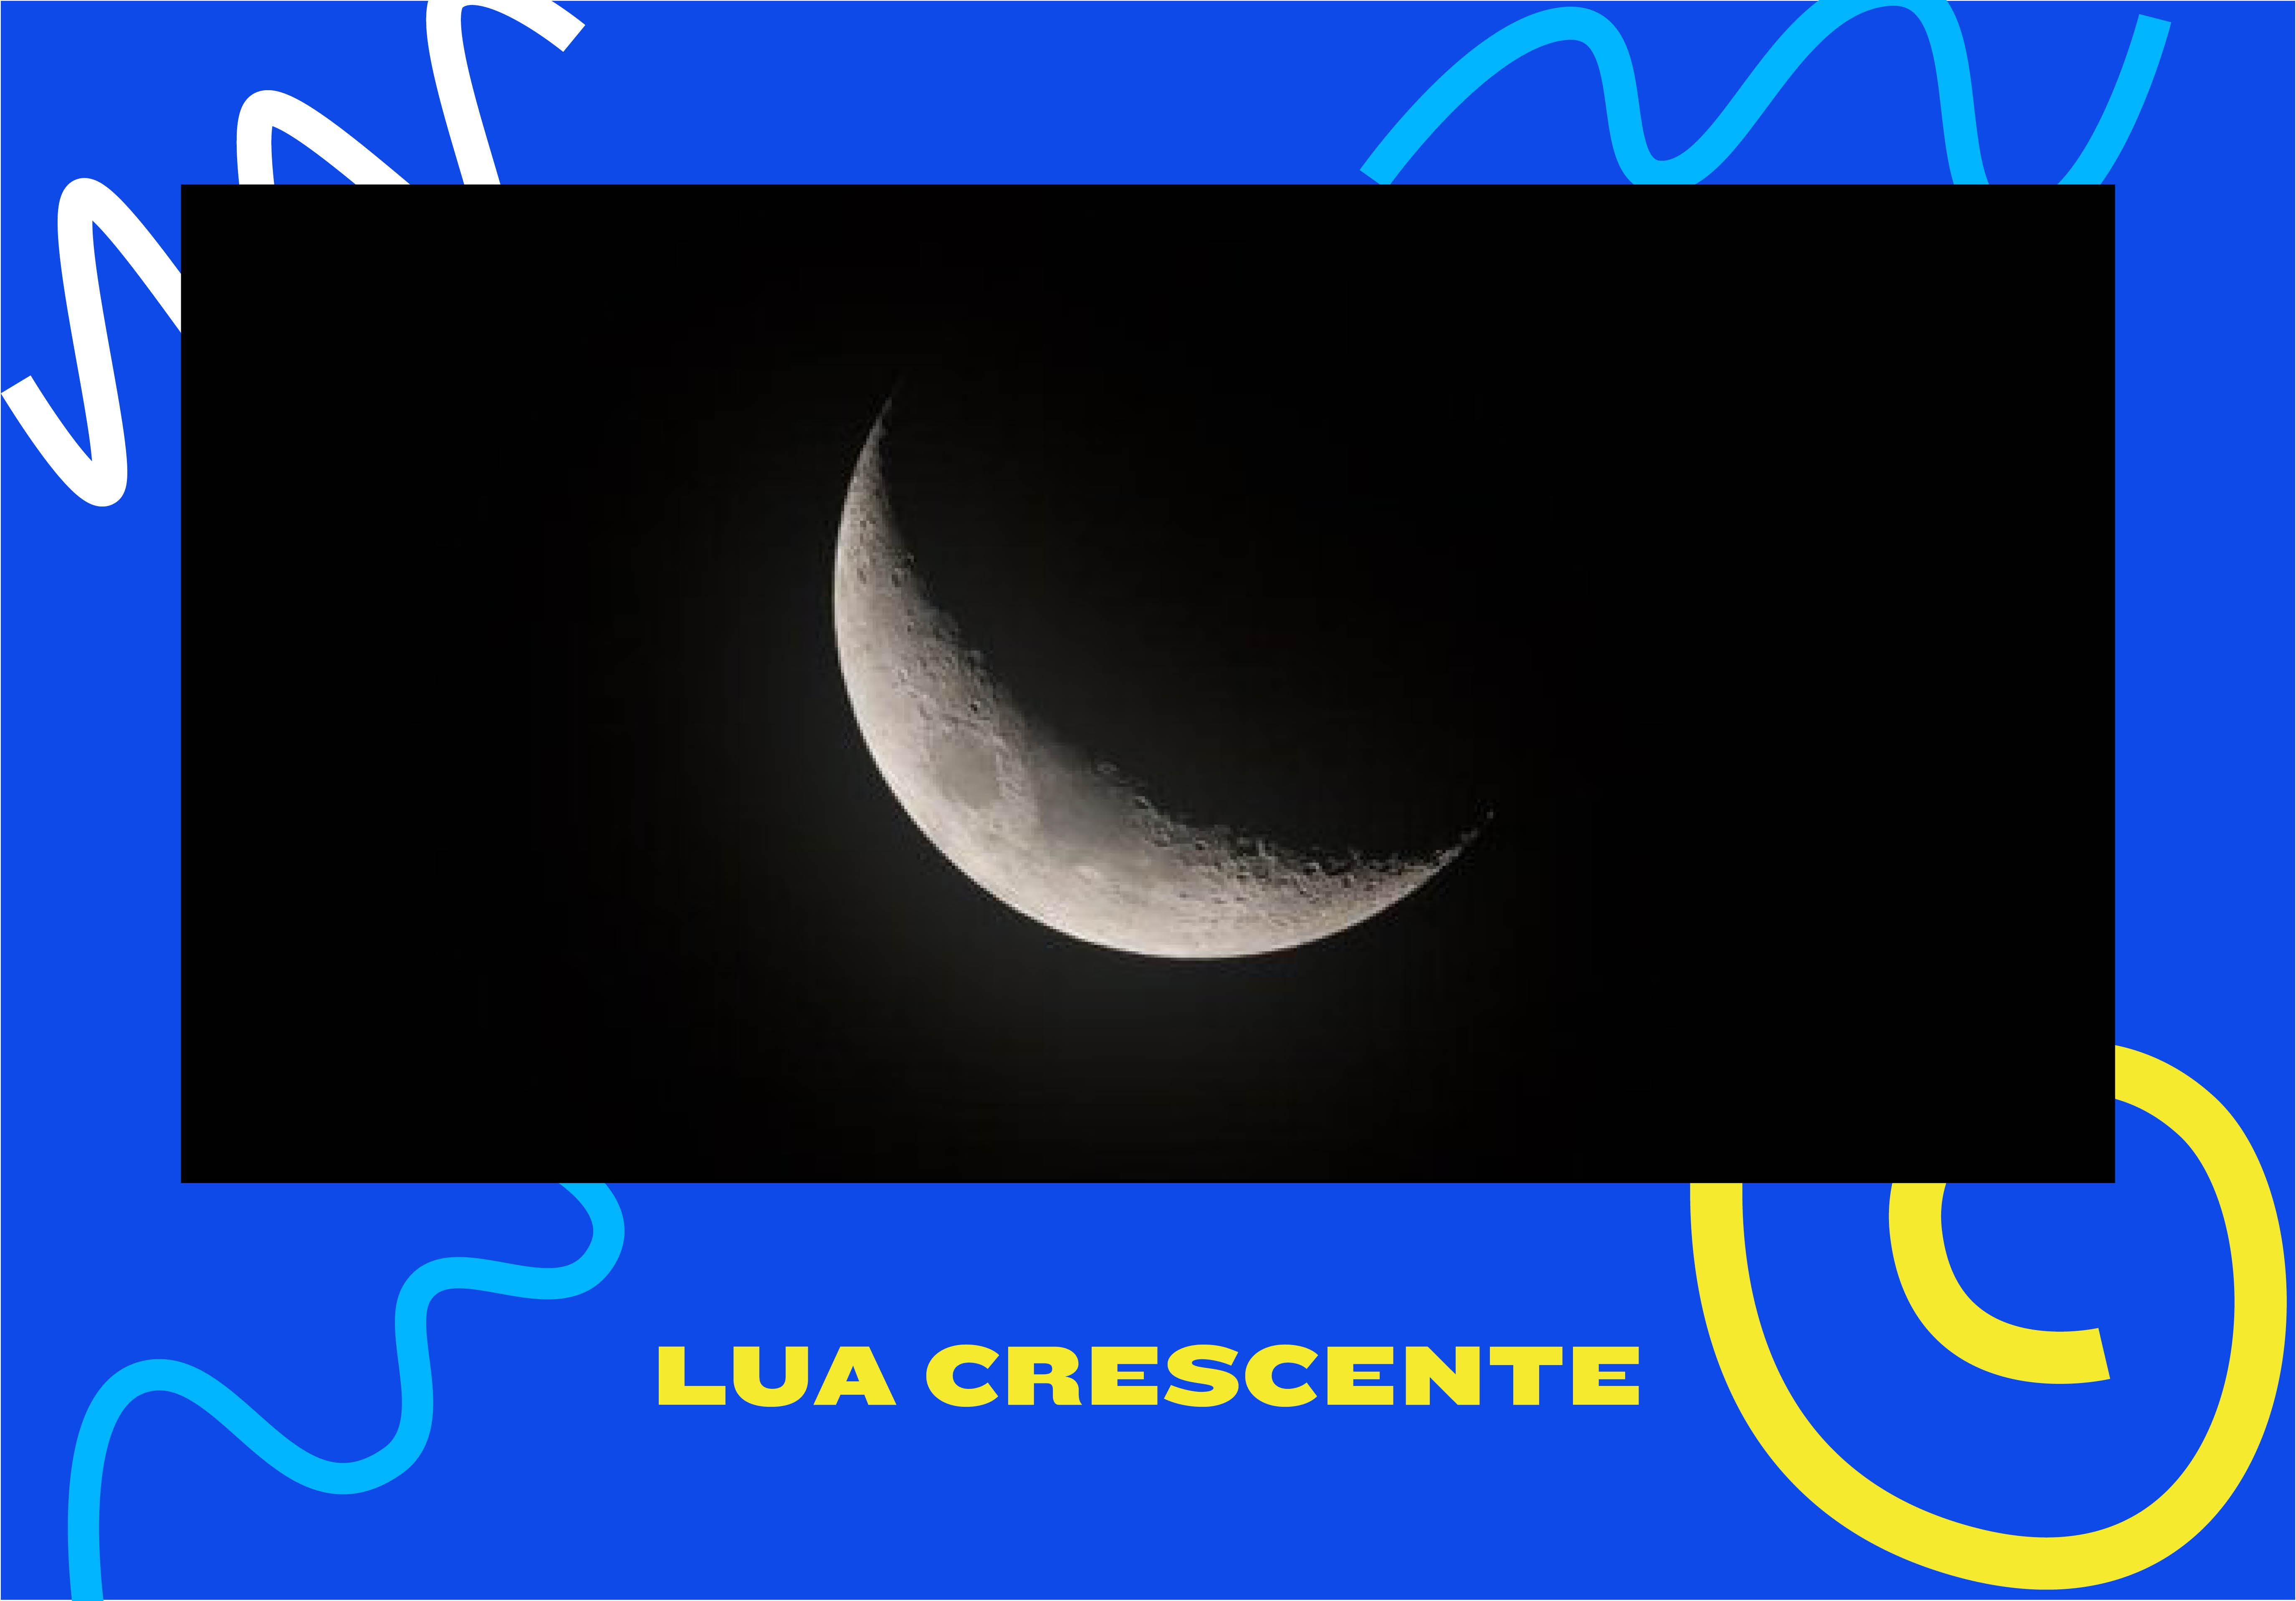 Fase Lua Crescente